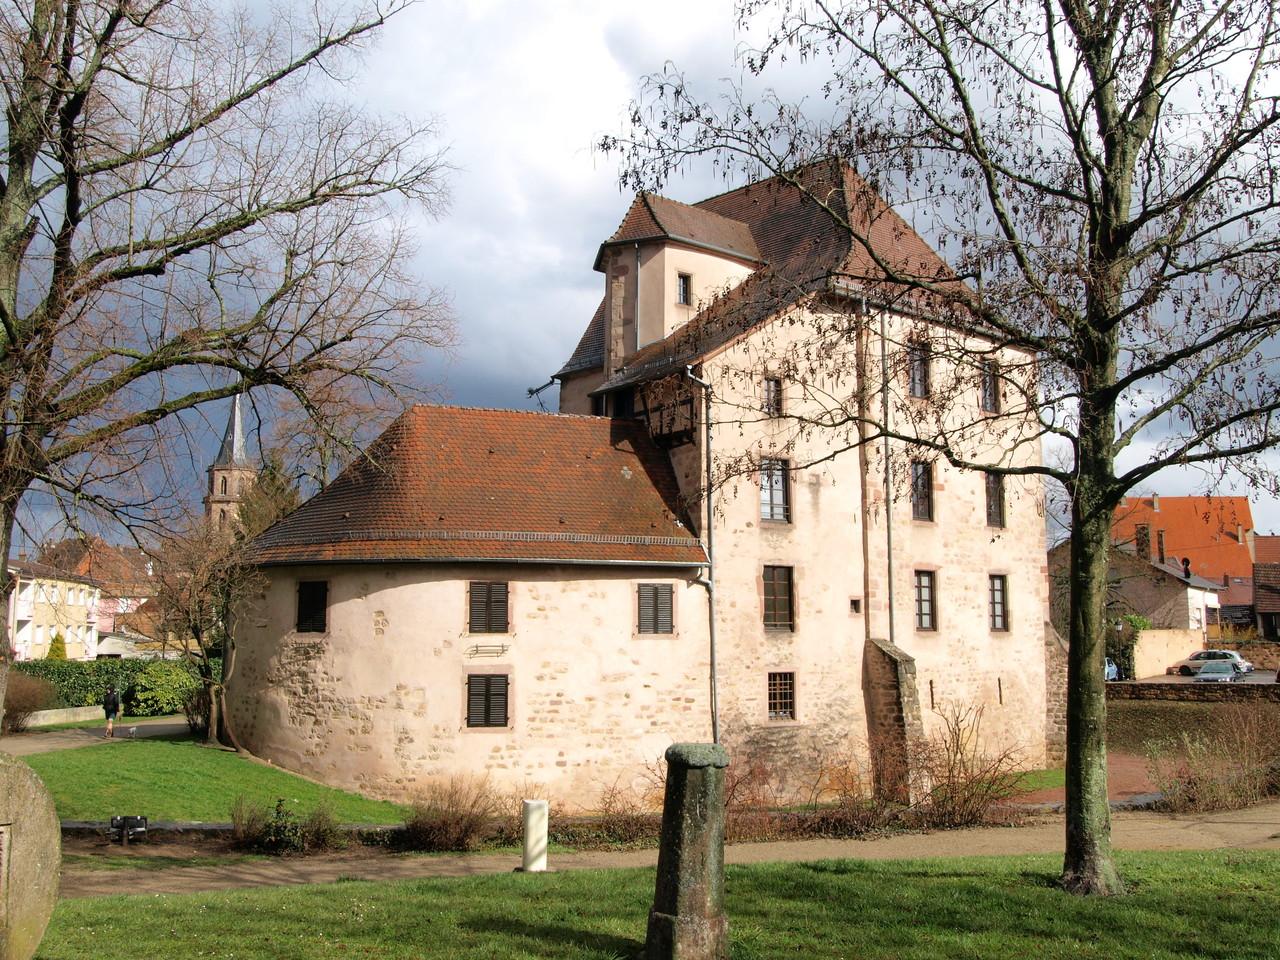 Château de Bucheneck